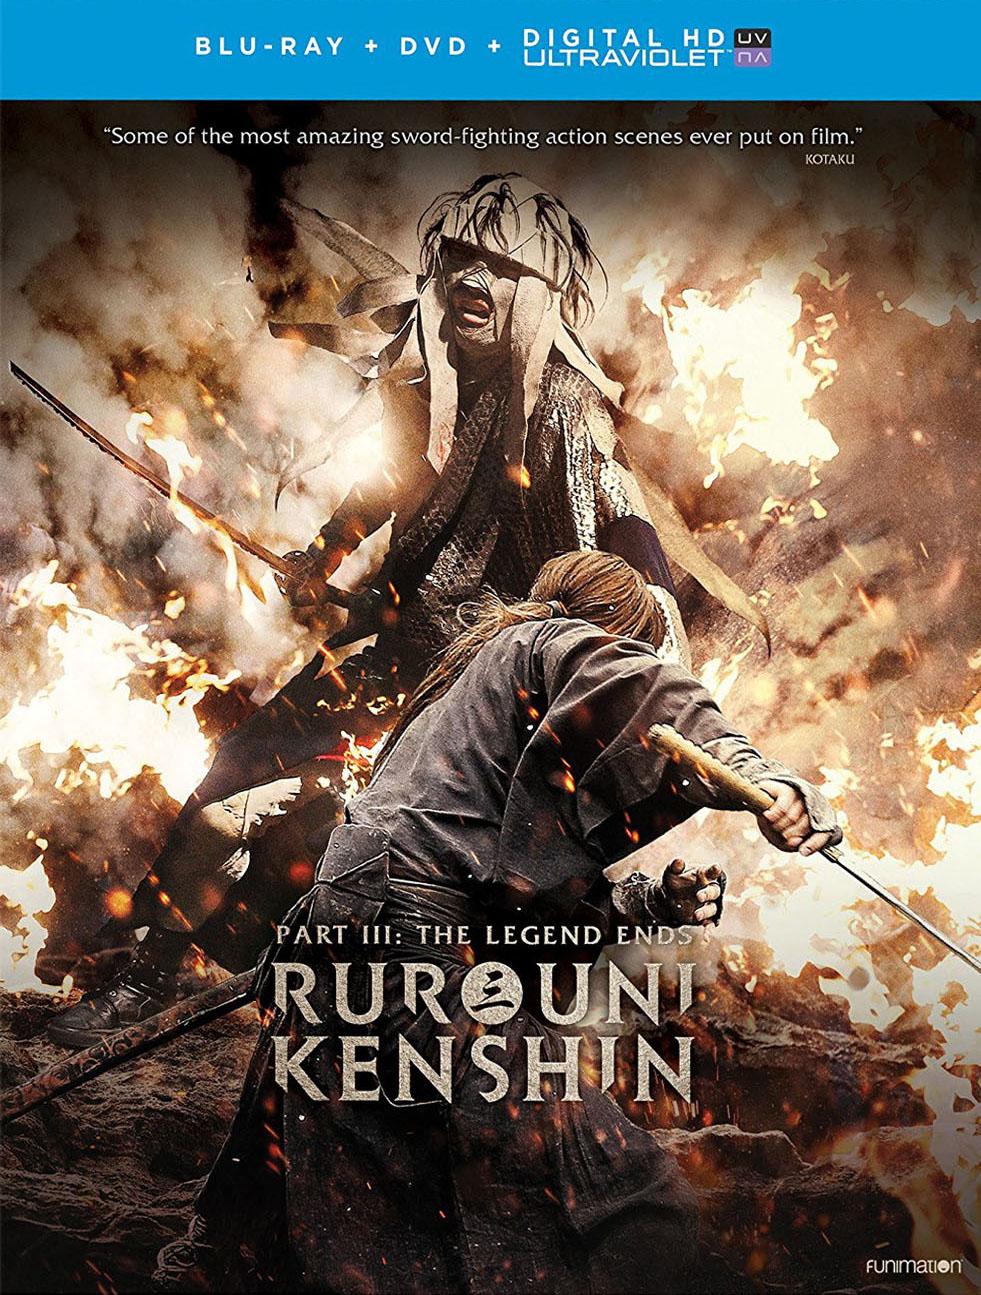 Rurouni Kenshin: The Legend Ends [blu-ray] [2 Discs] 5661503